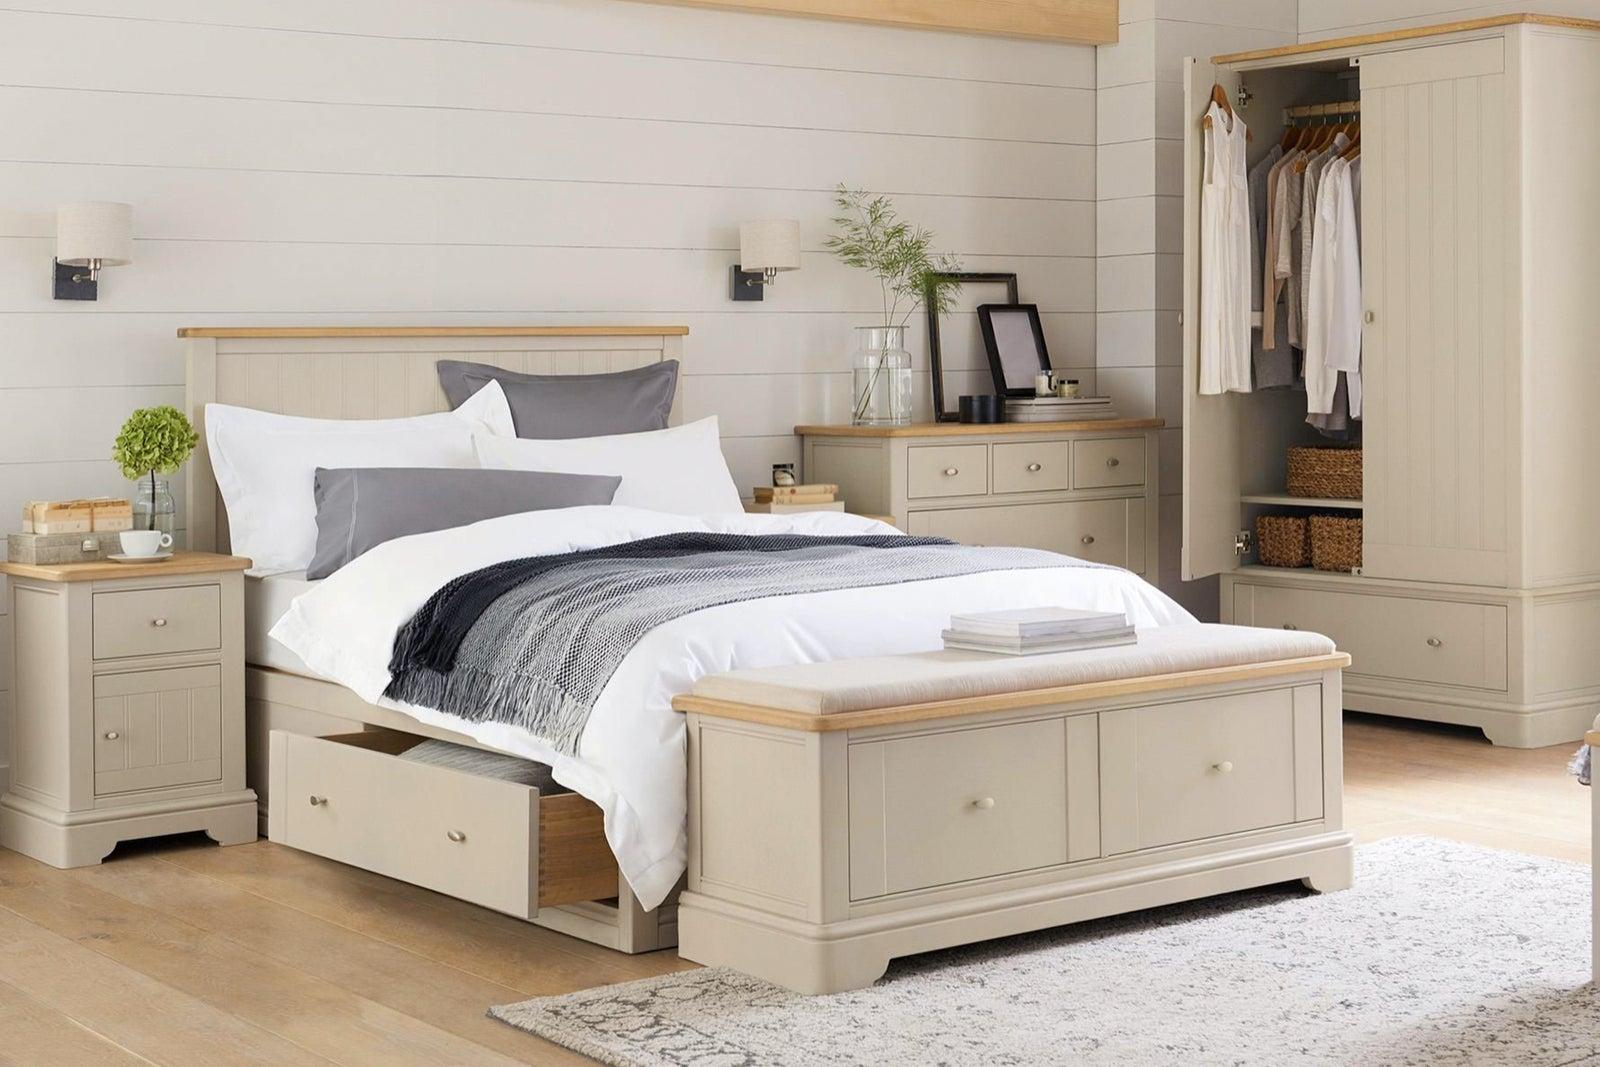 Pies de cama: elemento funcional y decorativo